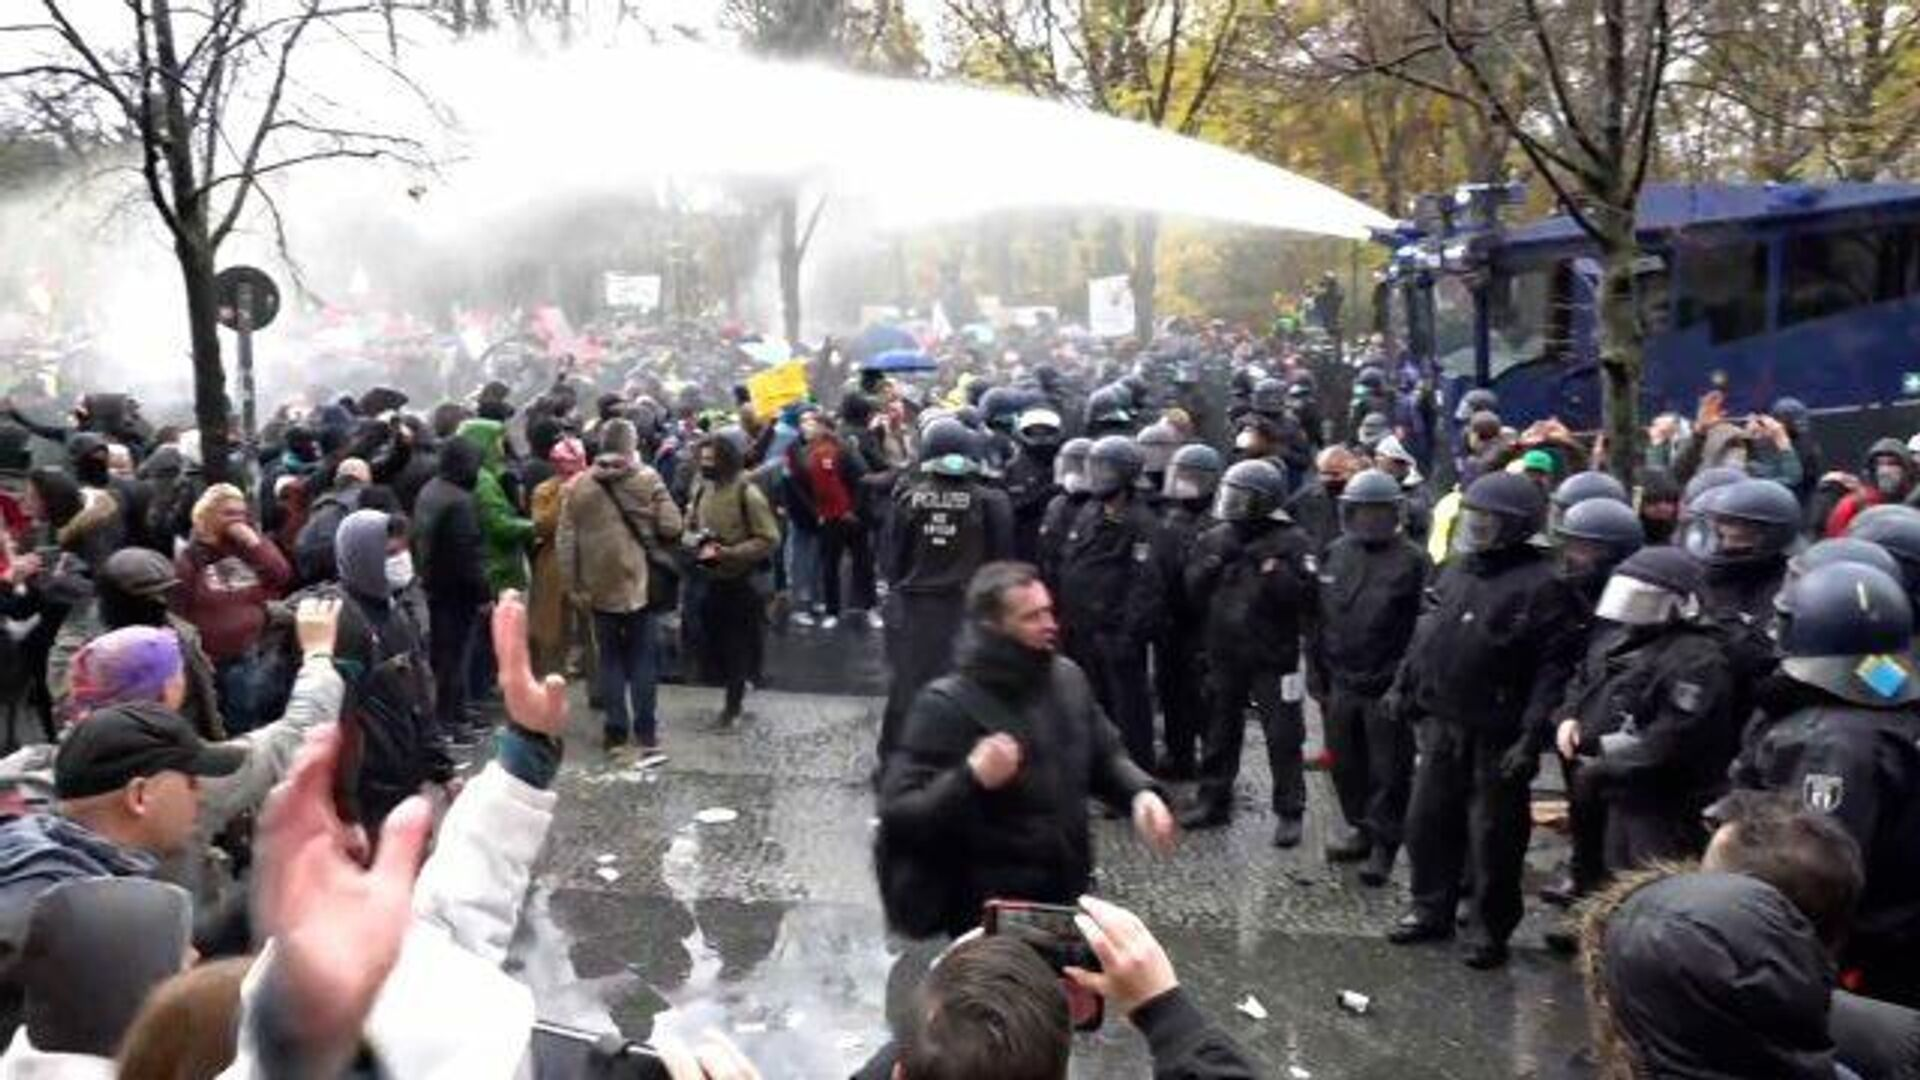 Немецкая полиция пустила в ход водометы на митинге против локдауна у бундестага - РИА Новости, 1920, 18.11.2020